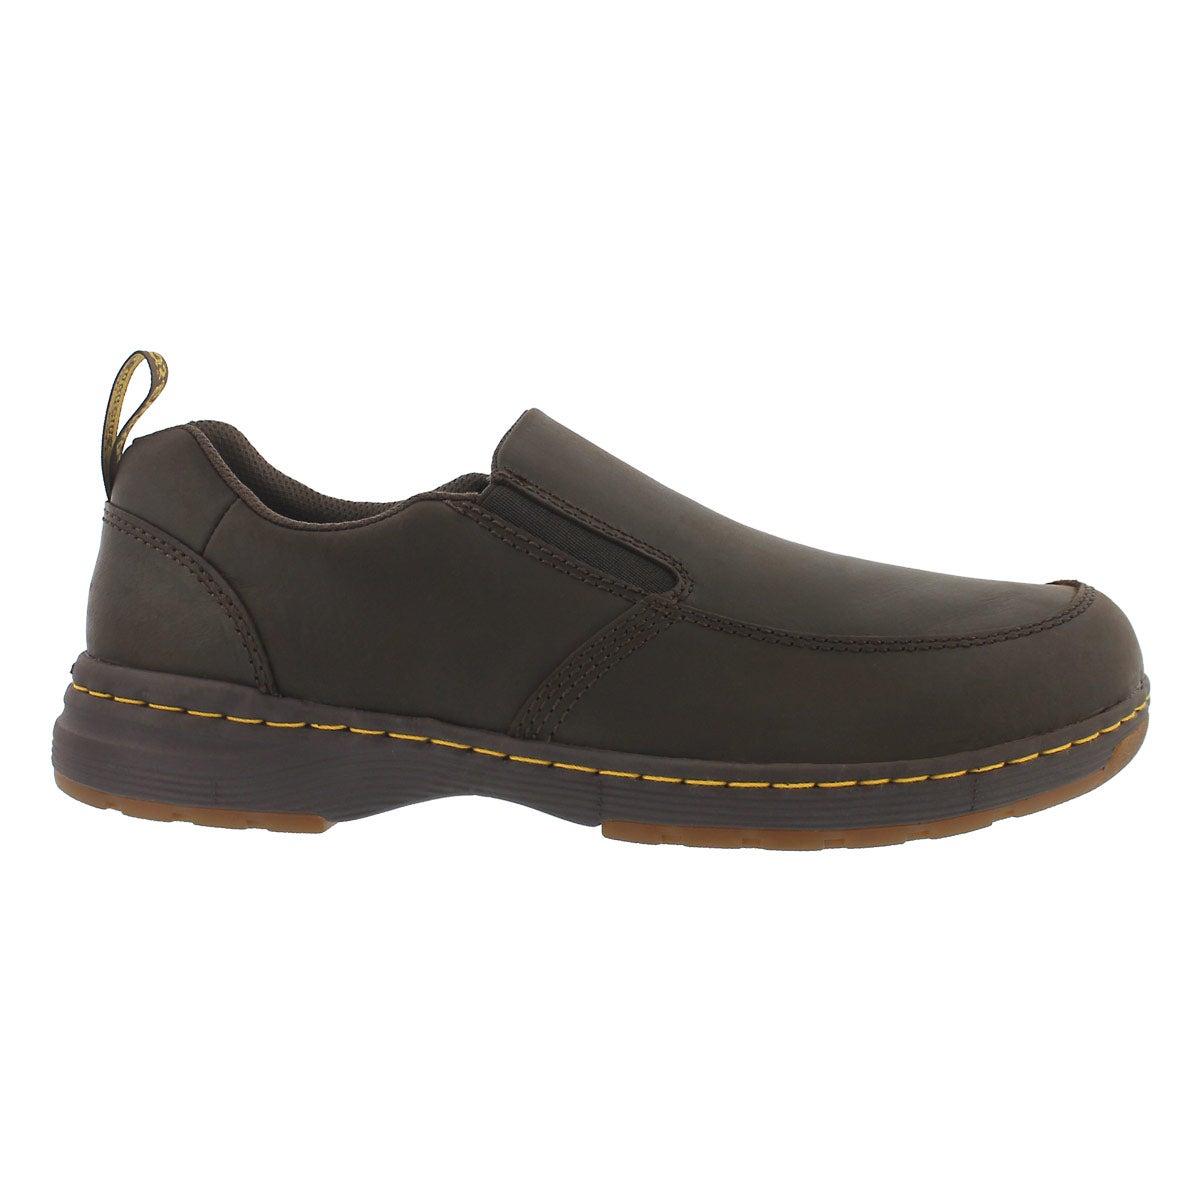 Mns Brennan brn lthr slip on casual shoe